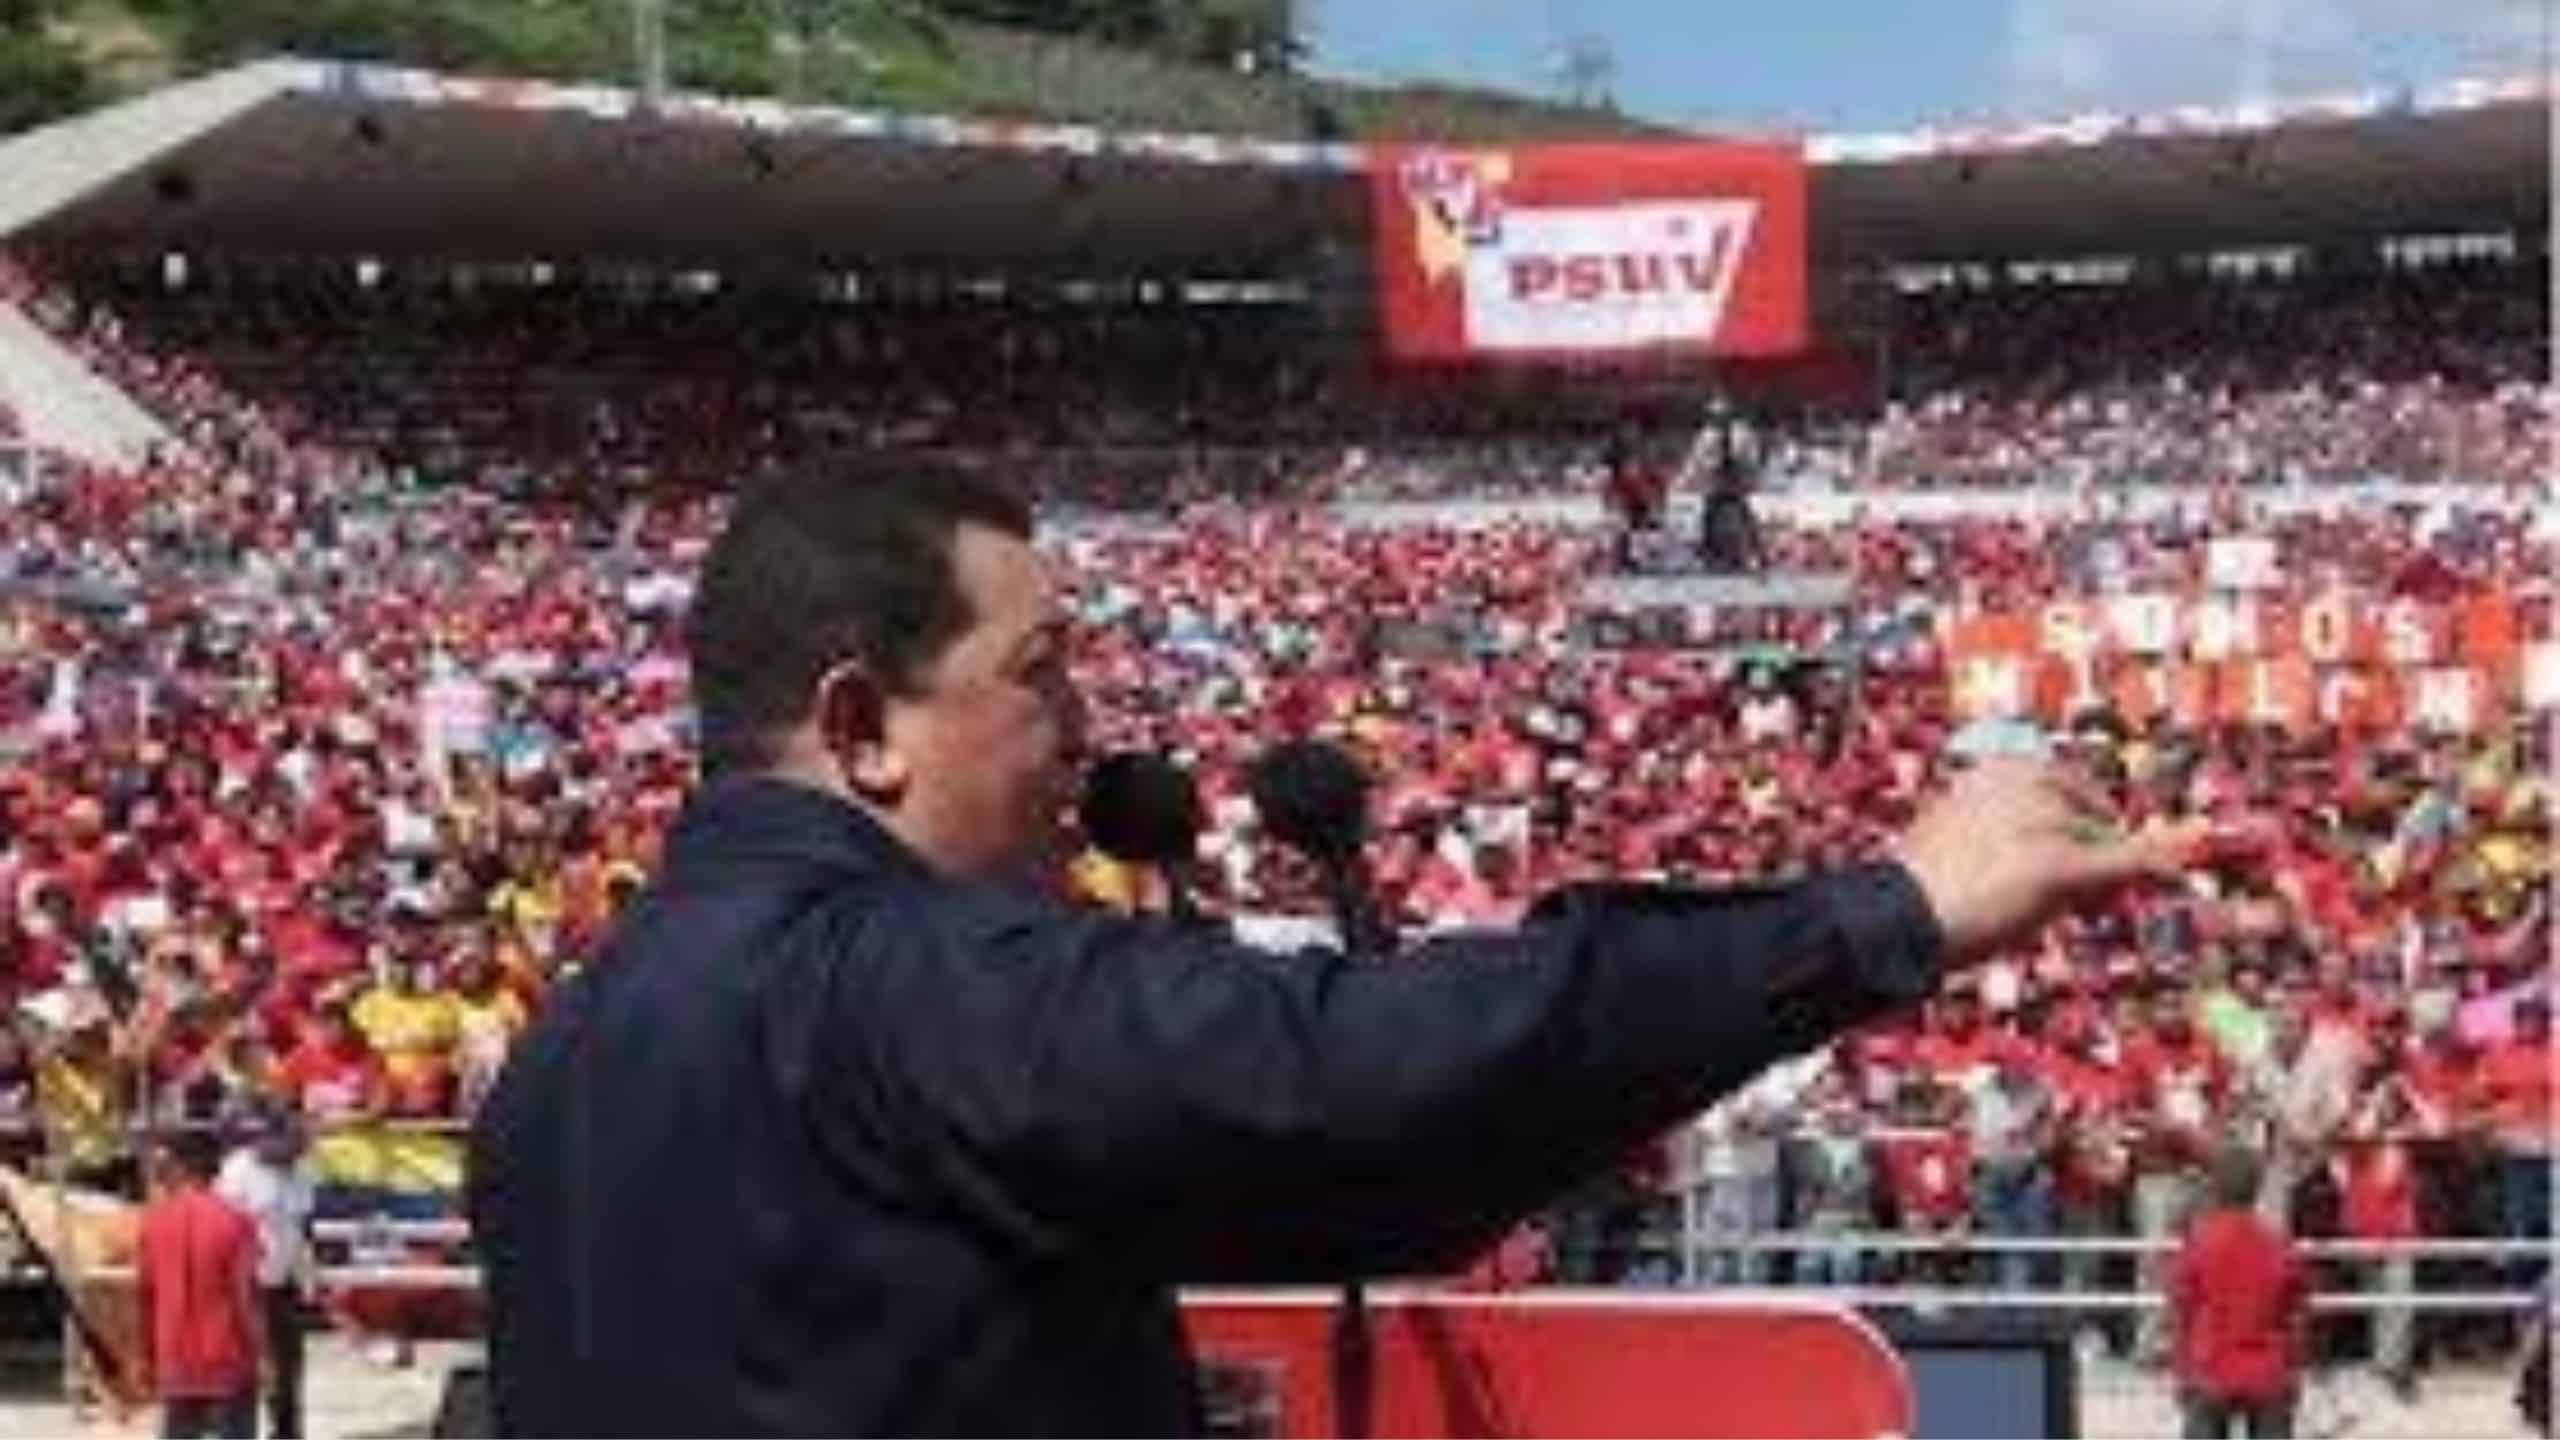 A la militancia revolucionaria, del PSUV, Diosdado, Elías, Adán, Giordani, los invito a discutir sobre la crisis madurista